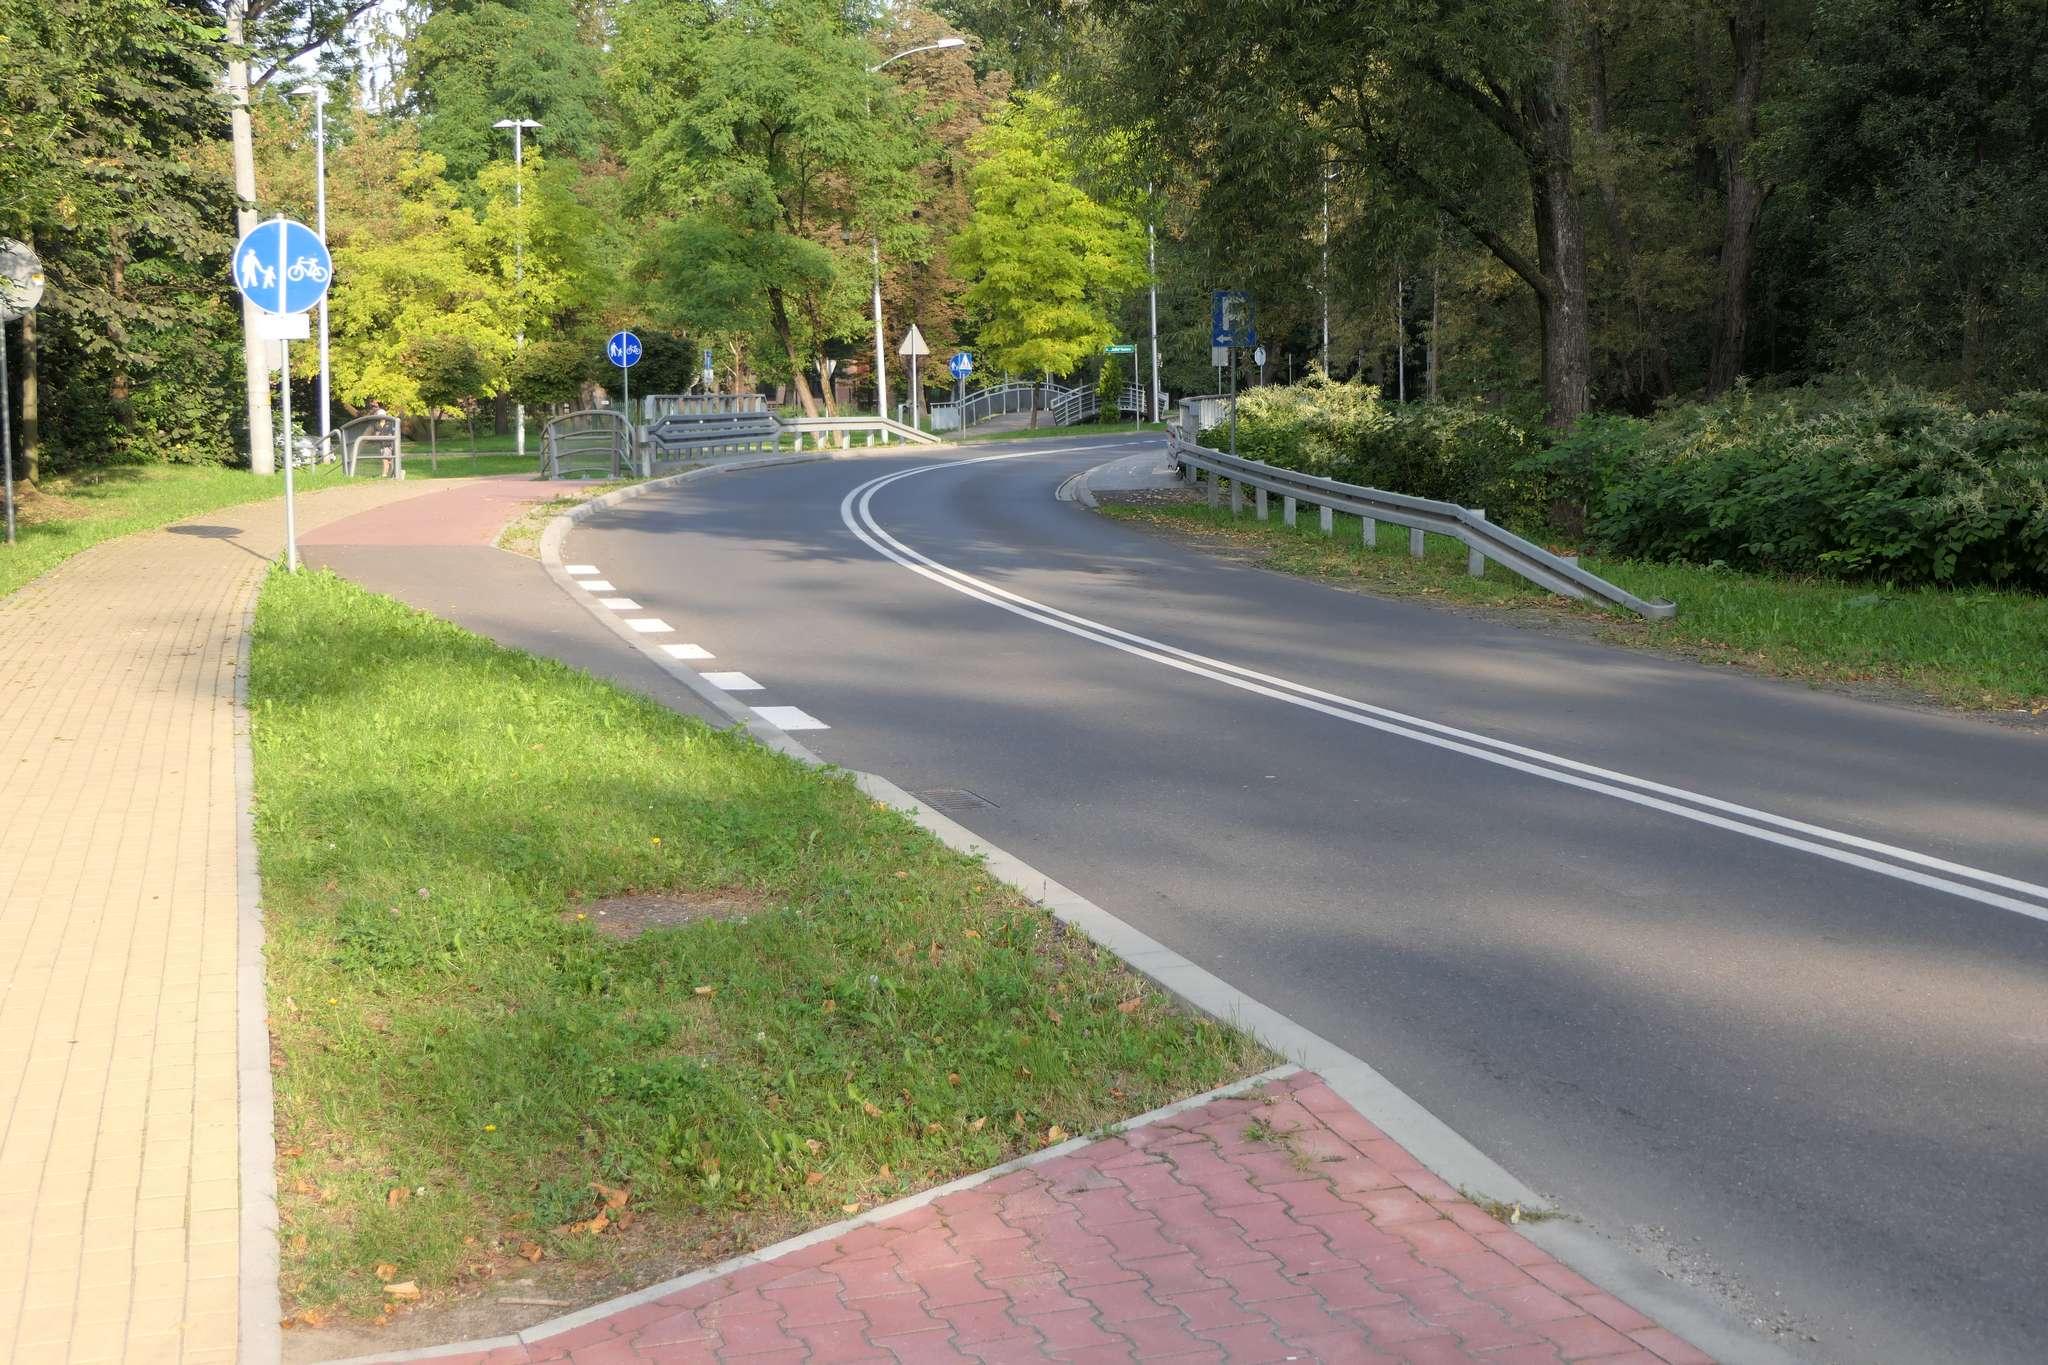 Początek DDR na al. Łyska od strony Puńcowa. Rowerzysta widzi znak nakazu, ale nie może wjechać na drogę rowerową, ponieważ zabrania mu tego podwójna linia ciągła.